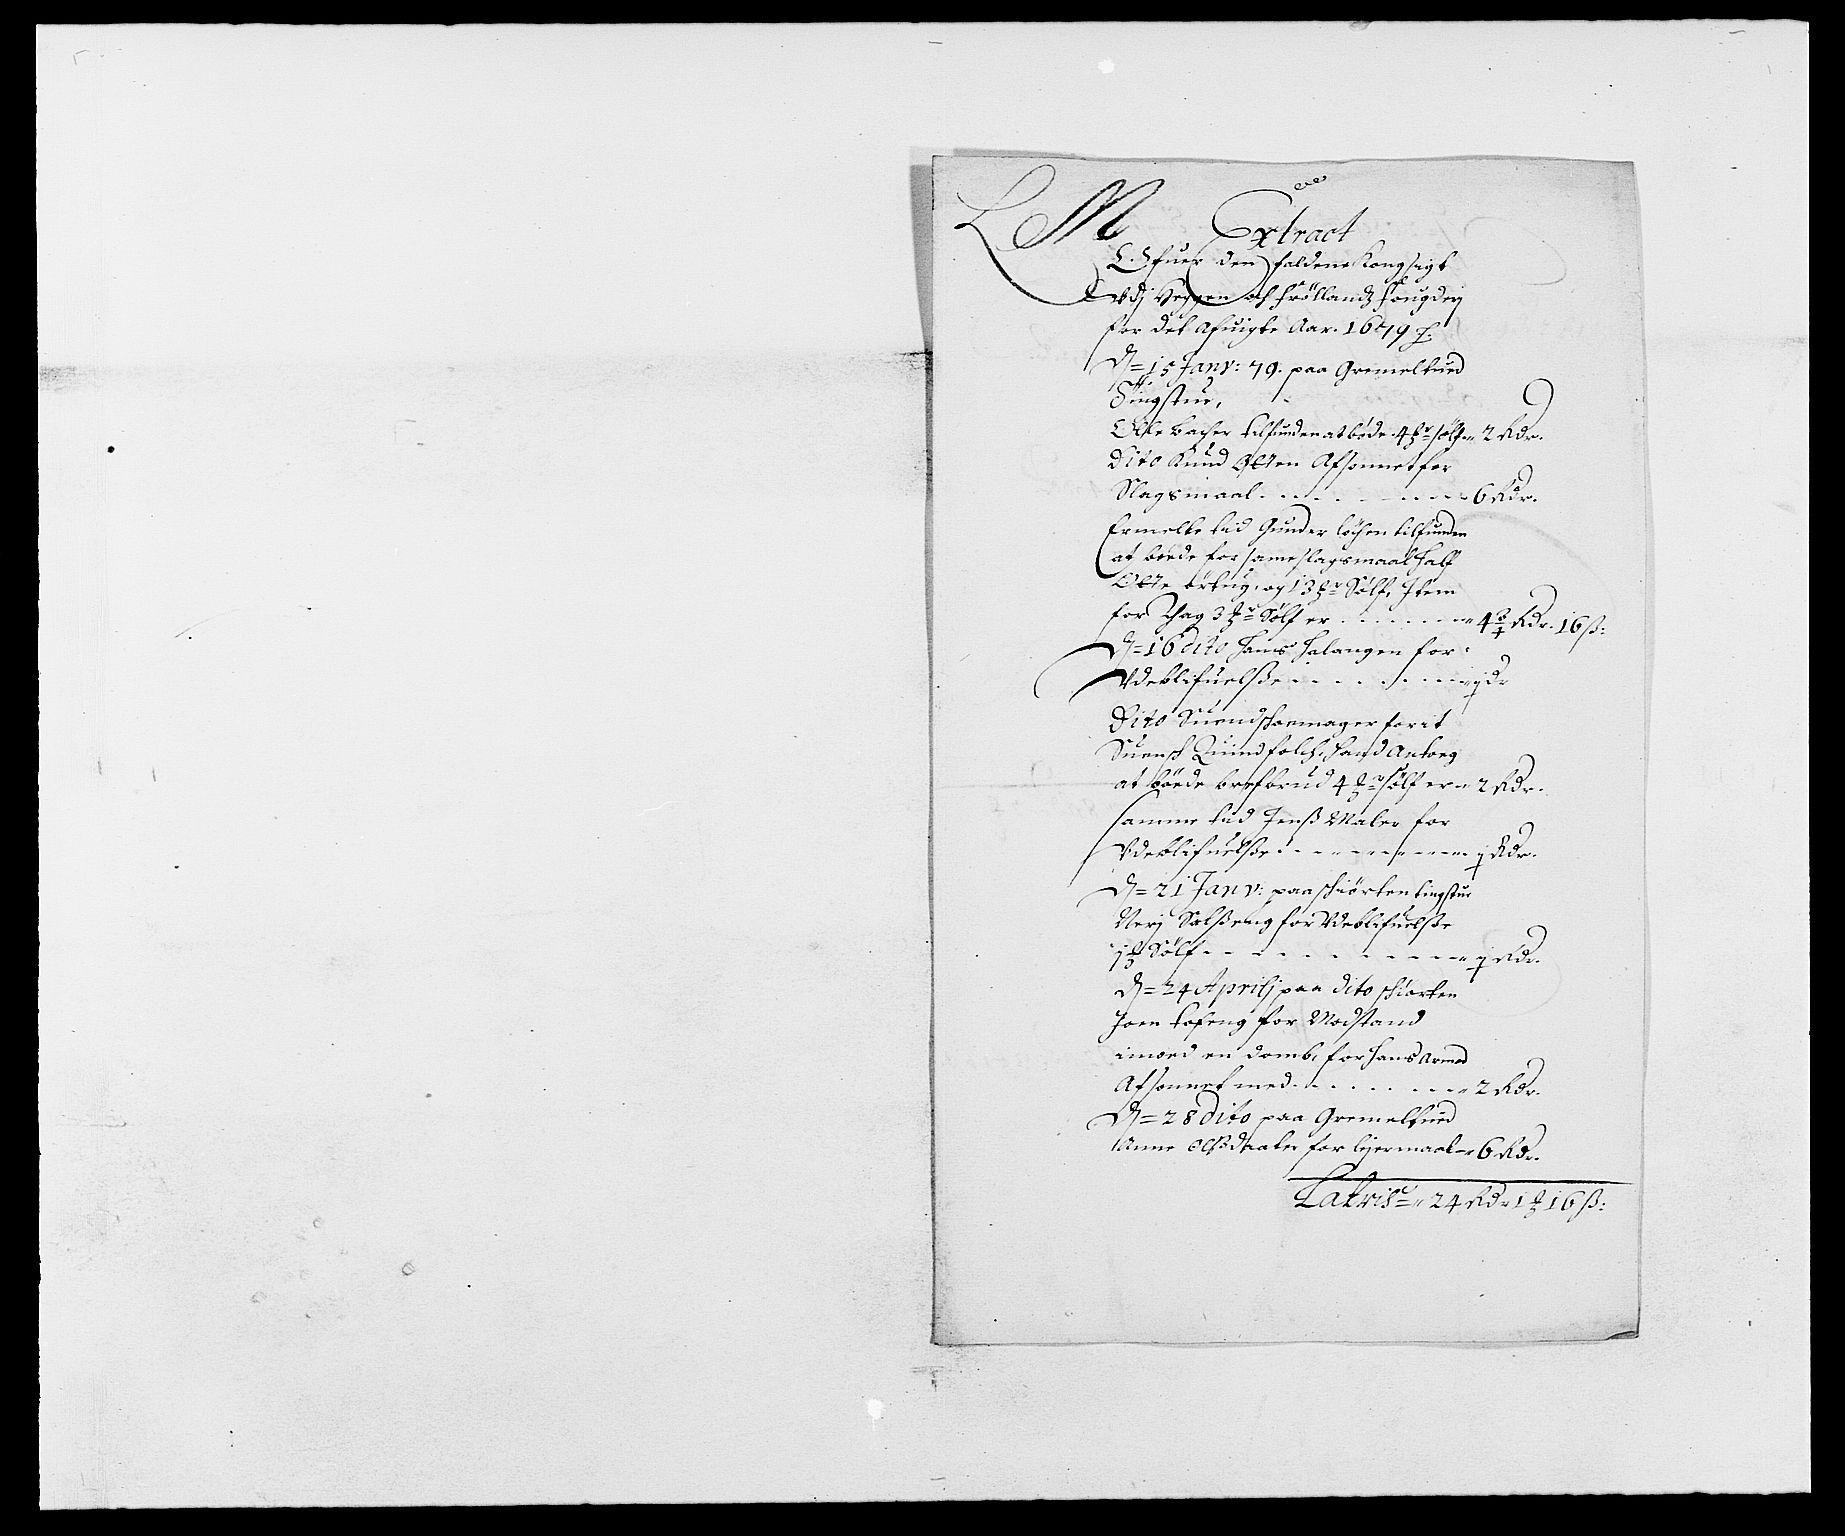 RA, Rentekammeret inntil 1814, Reviderte regnskaper, Fogderegnskap, R06/L0279: Fogderegnskap Heggen og Frøland, 1678-1680, s. 268